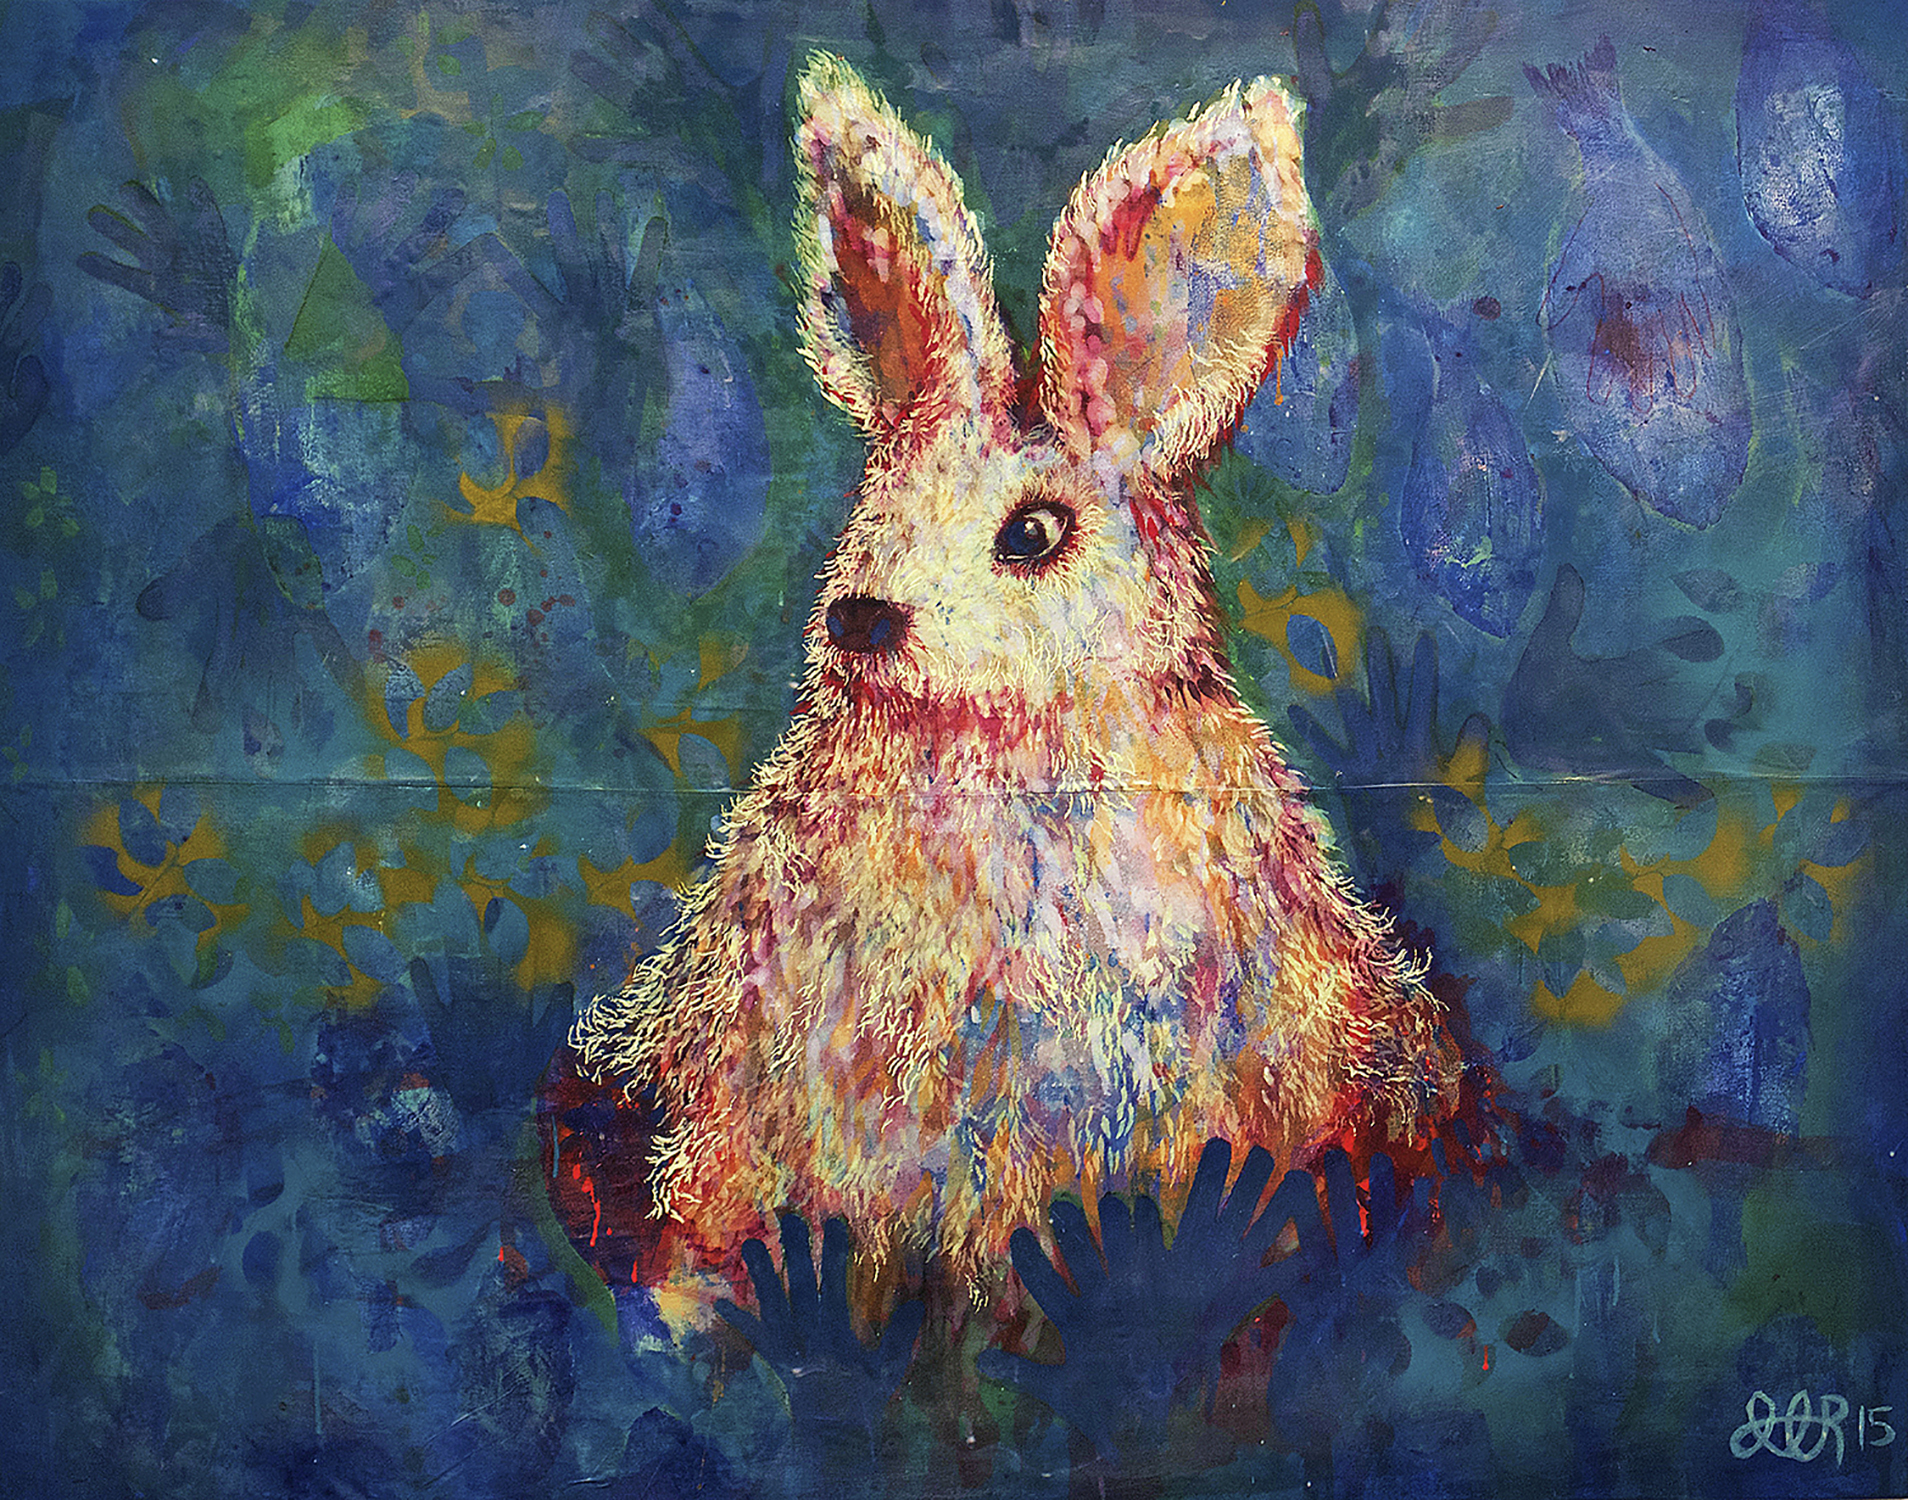 'Blood Bunny' (2015) Image courtesy of John Atkinson.